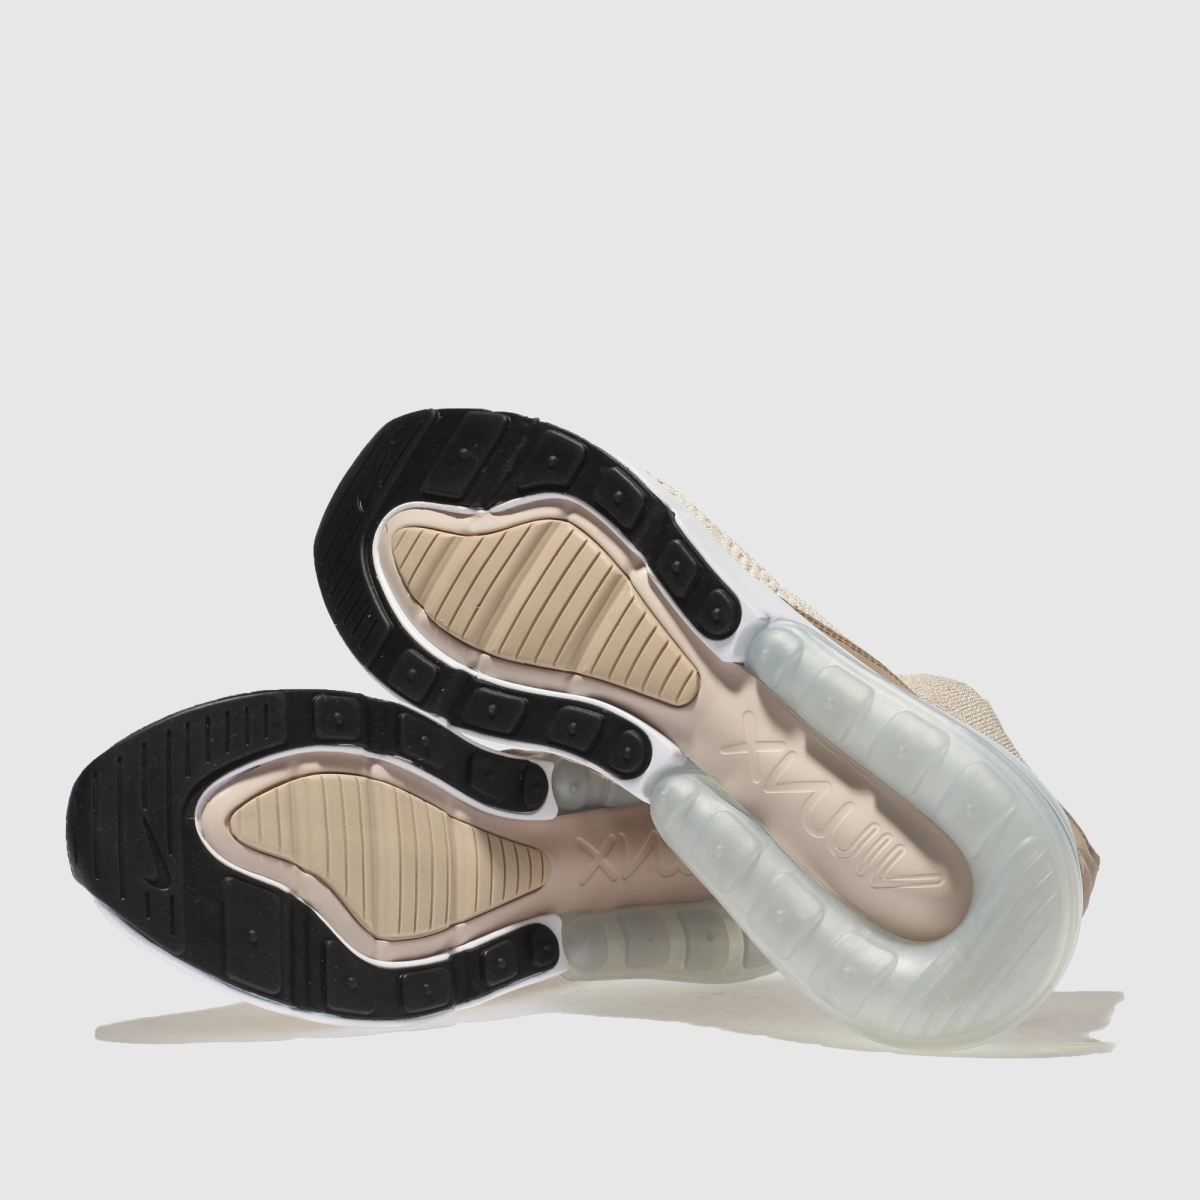 Damen Naturfarben nike Air Max 270 Flyknit Sneaker beliebte   schuh Gute Qualität beliebte Sneaker Schuhe 181762